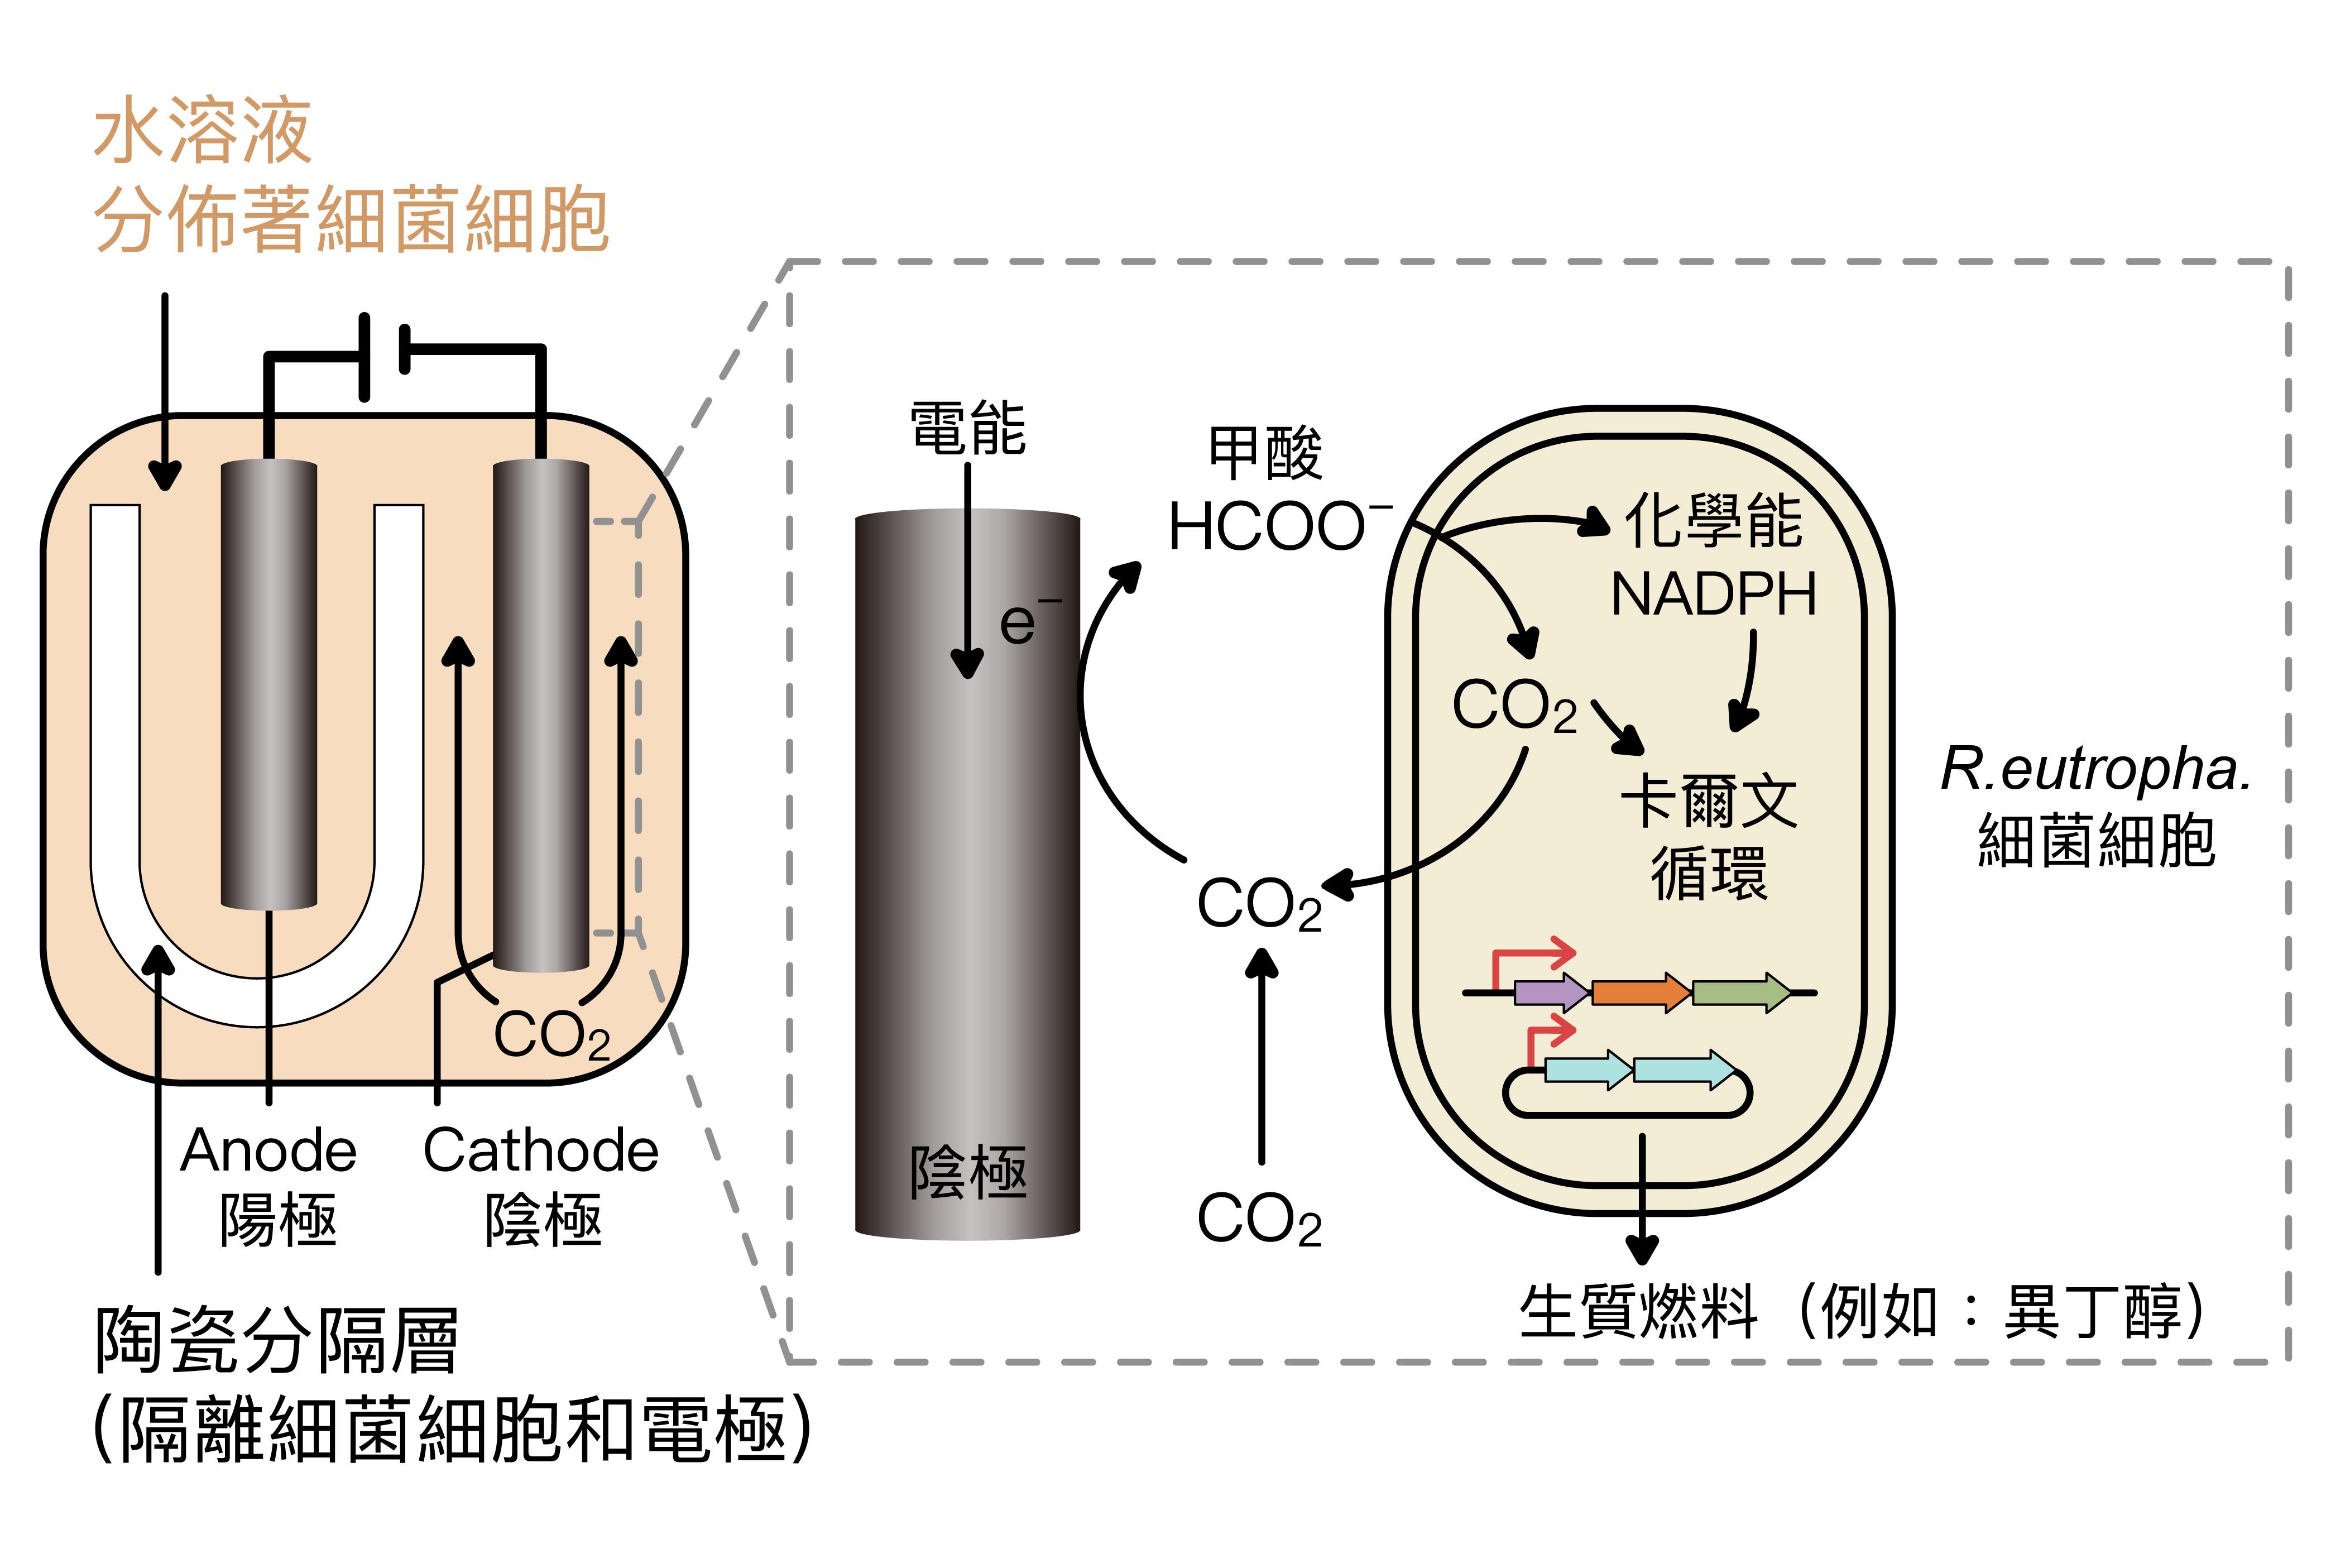 廖俊智與團隊改造的微生物系統:透過細菌細胞的合成反應,先將電能轉換為化學能,再用化學能合成產出燃料。圖│研之有物 (資料來源│Integrated electromicrobial conversion of CO2 to higher alcohols.)